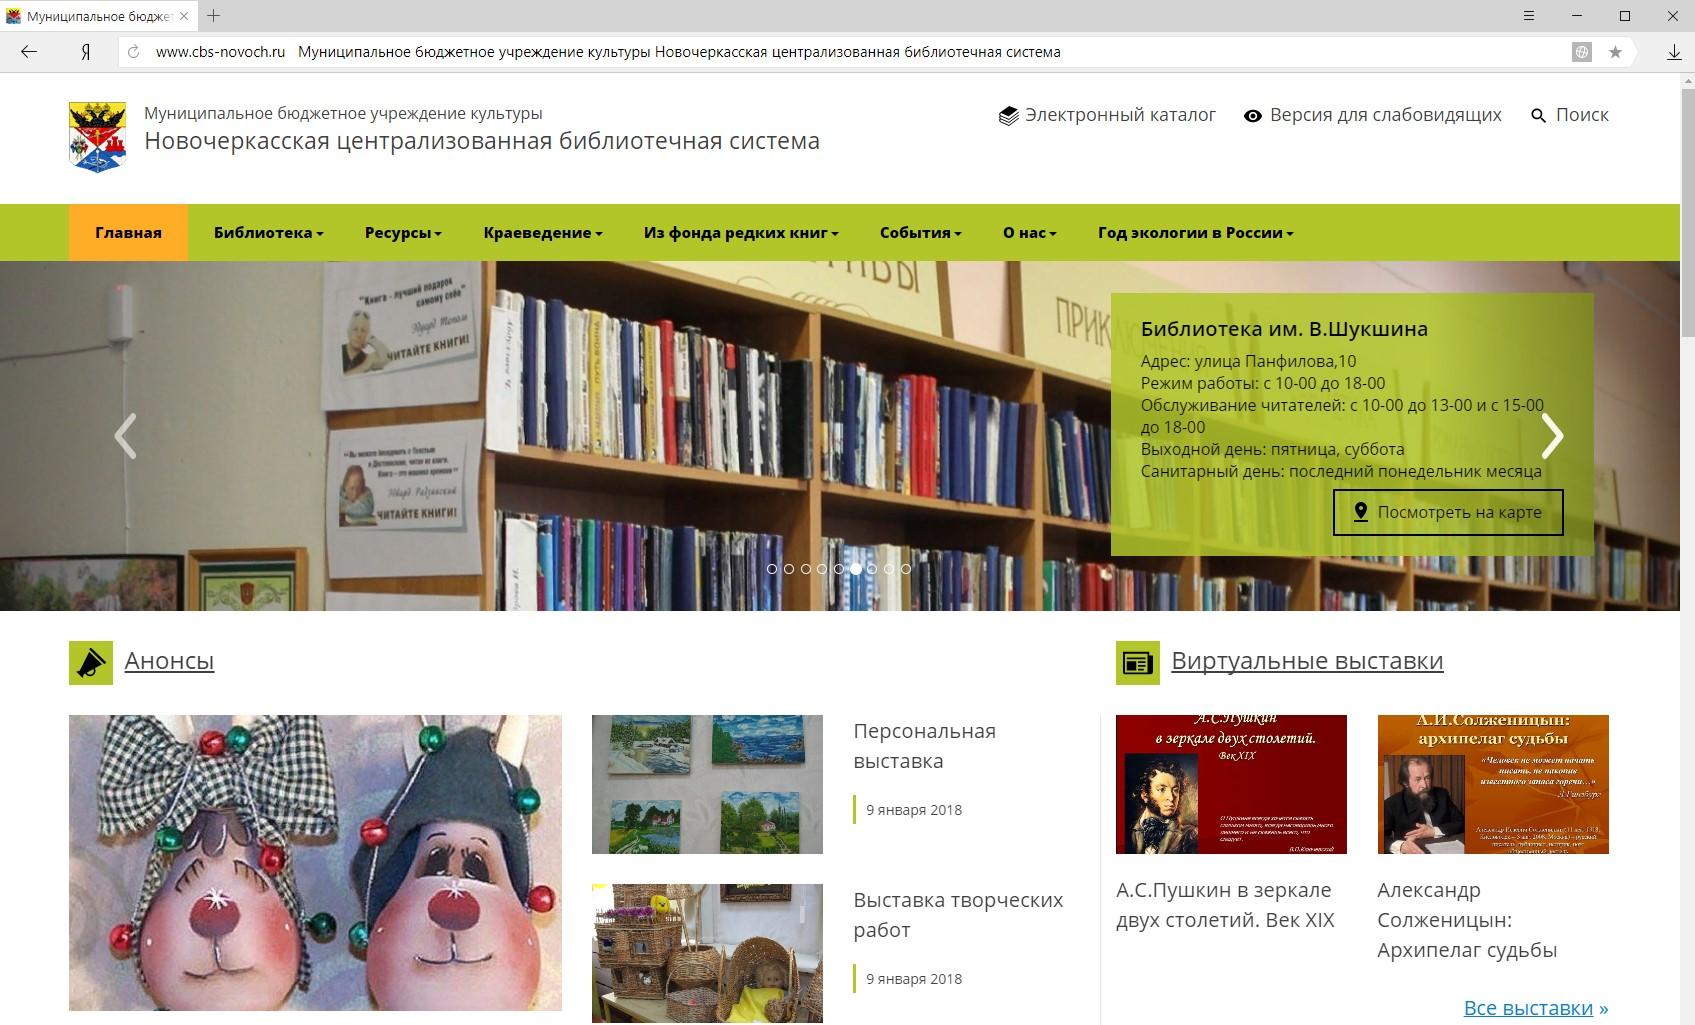 Главная страница сайта МБУК «Новочеркасская центральная библиотечная система»